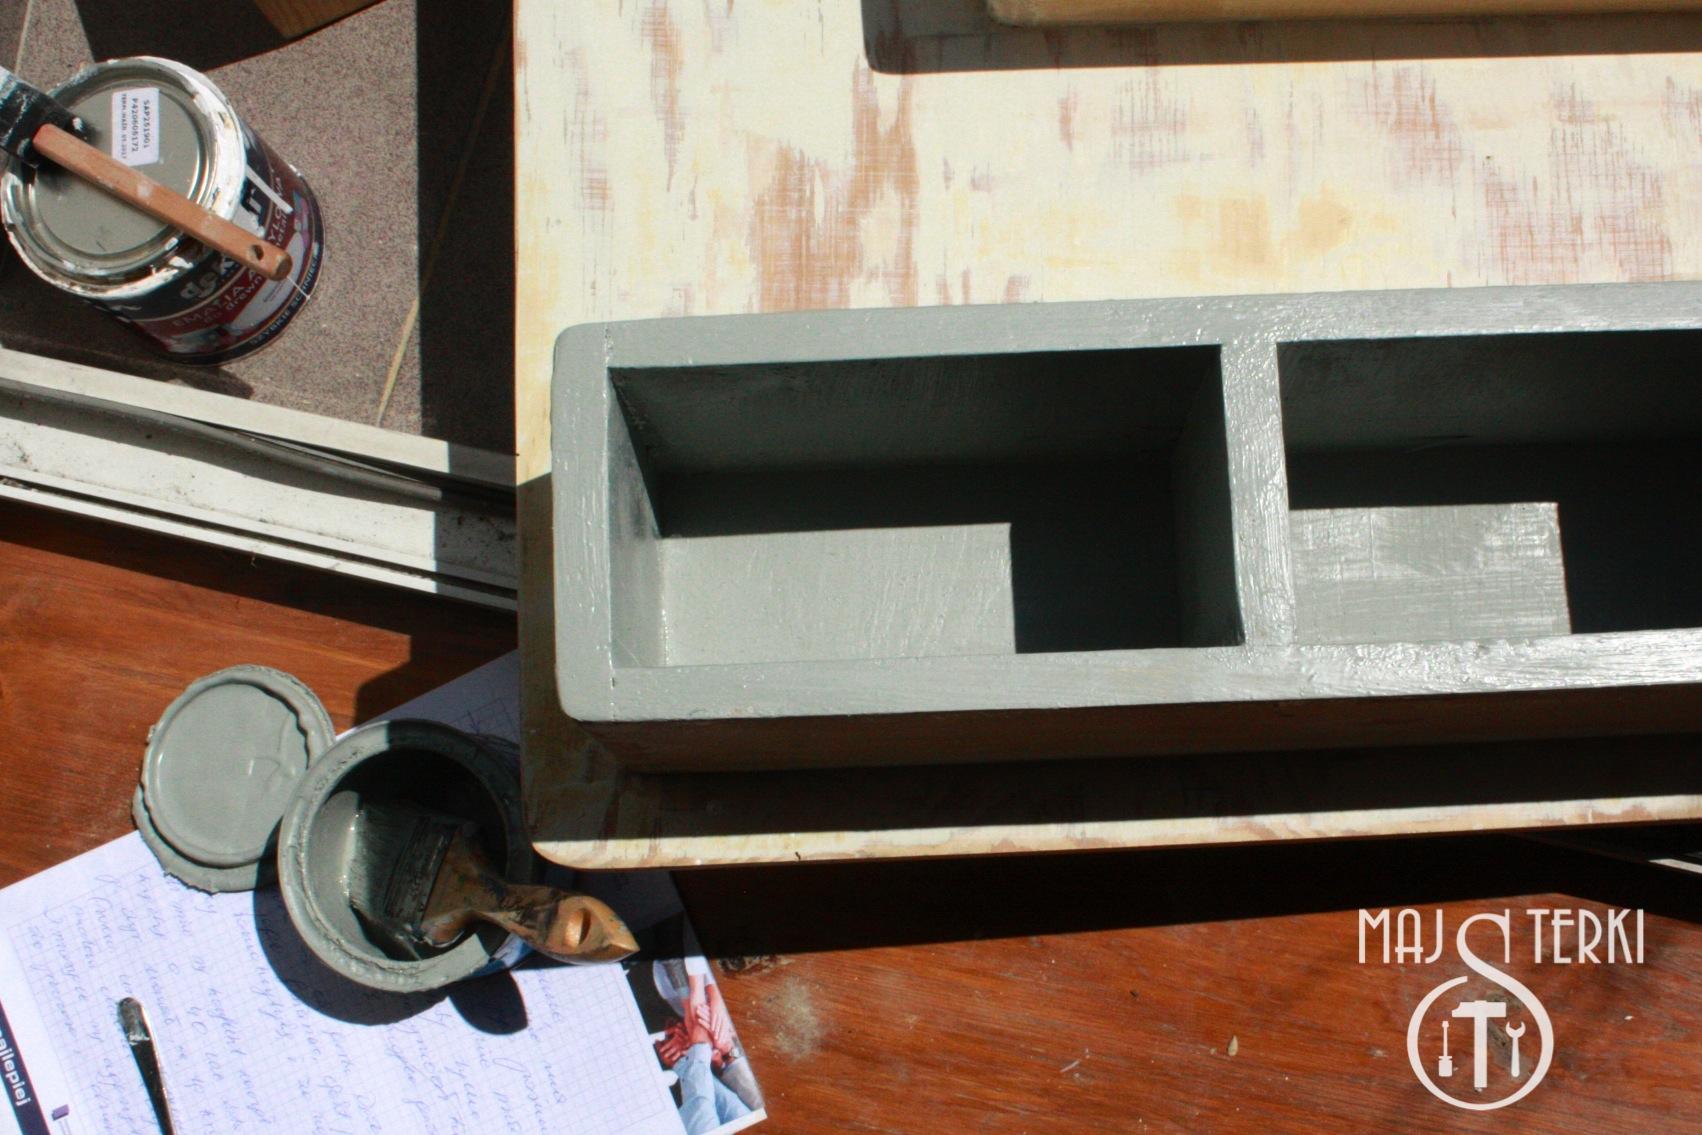 Majsterki czyli zrób to sam: renowacja szafki